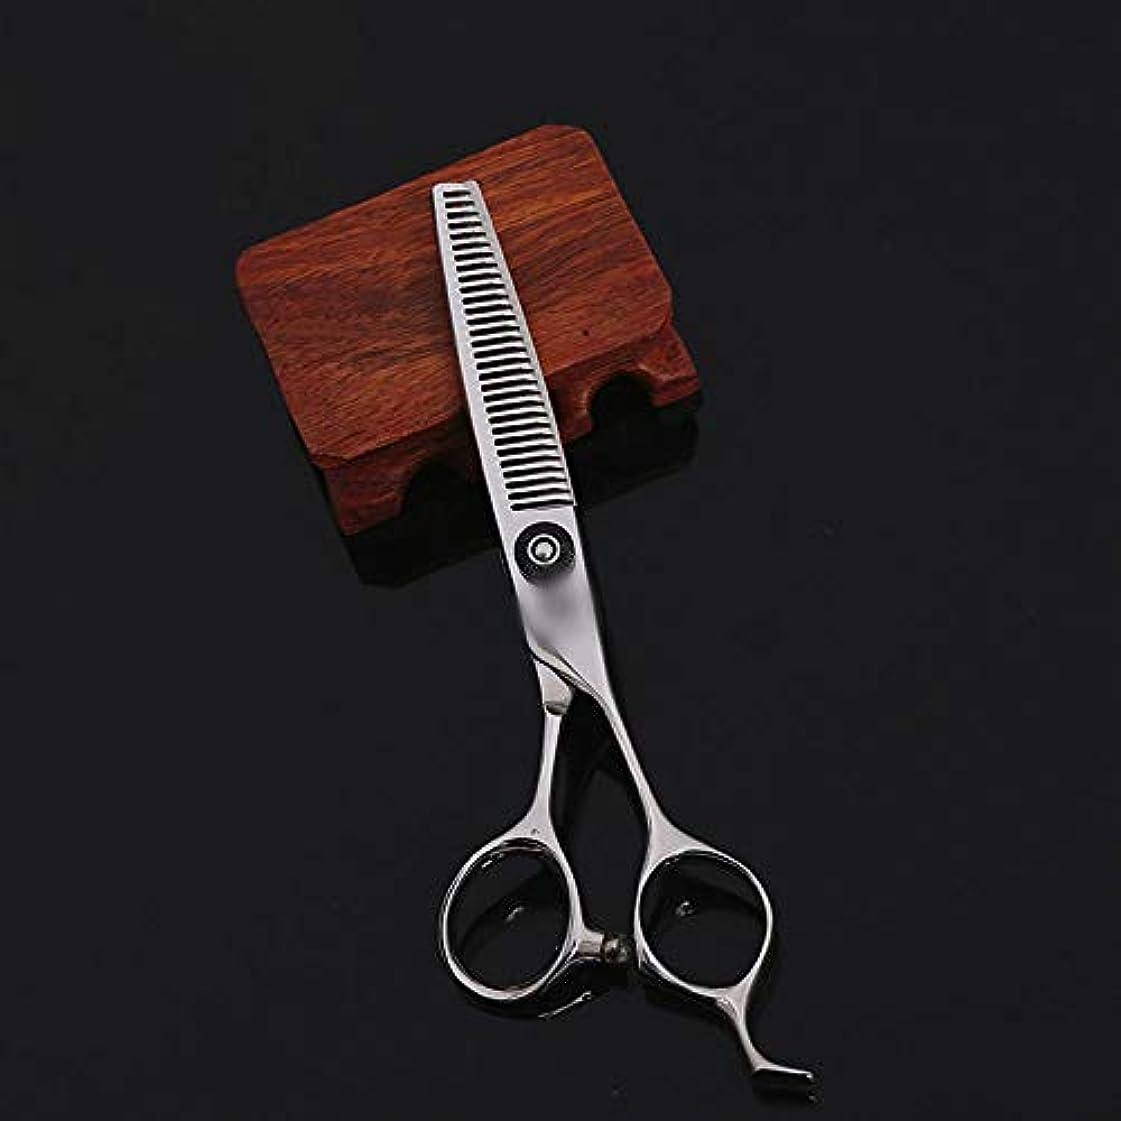 ファイターカヌー辞書WASAIO プロフェッショナル口ひげトリミングアクセサリー薄毛のはさみはさみレベルカット理容室ステンレス鋼理髪6インチカービング (色 : Silver)